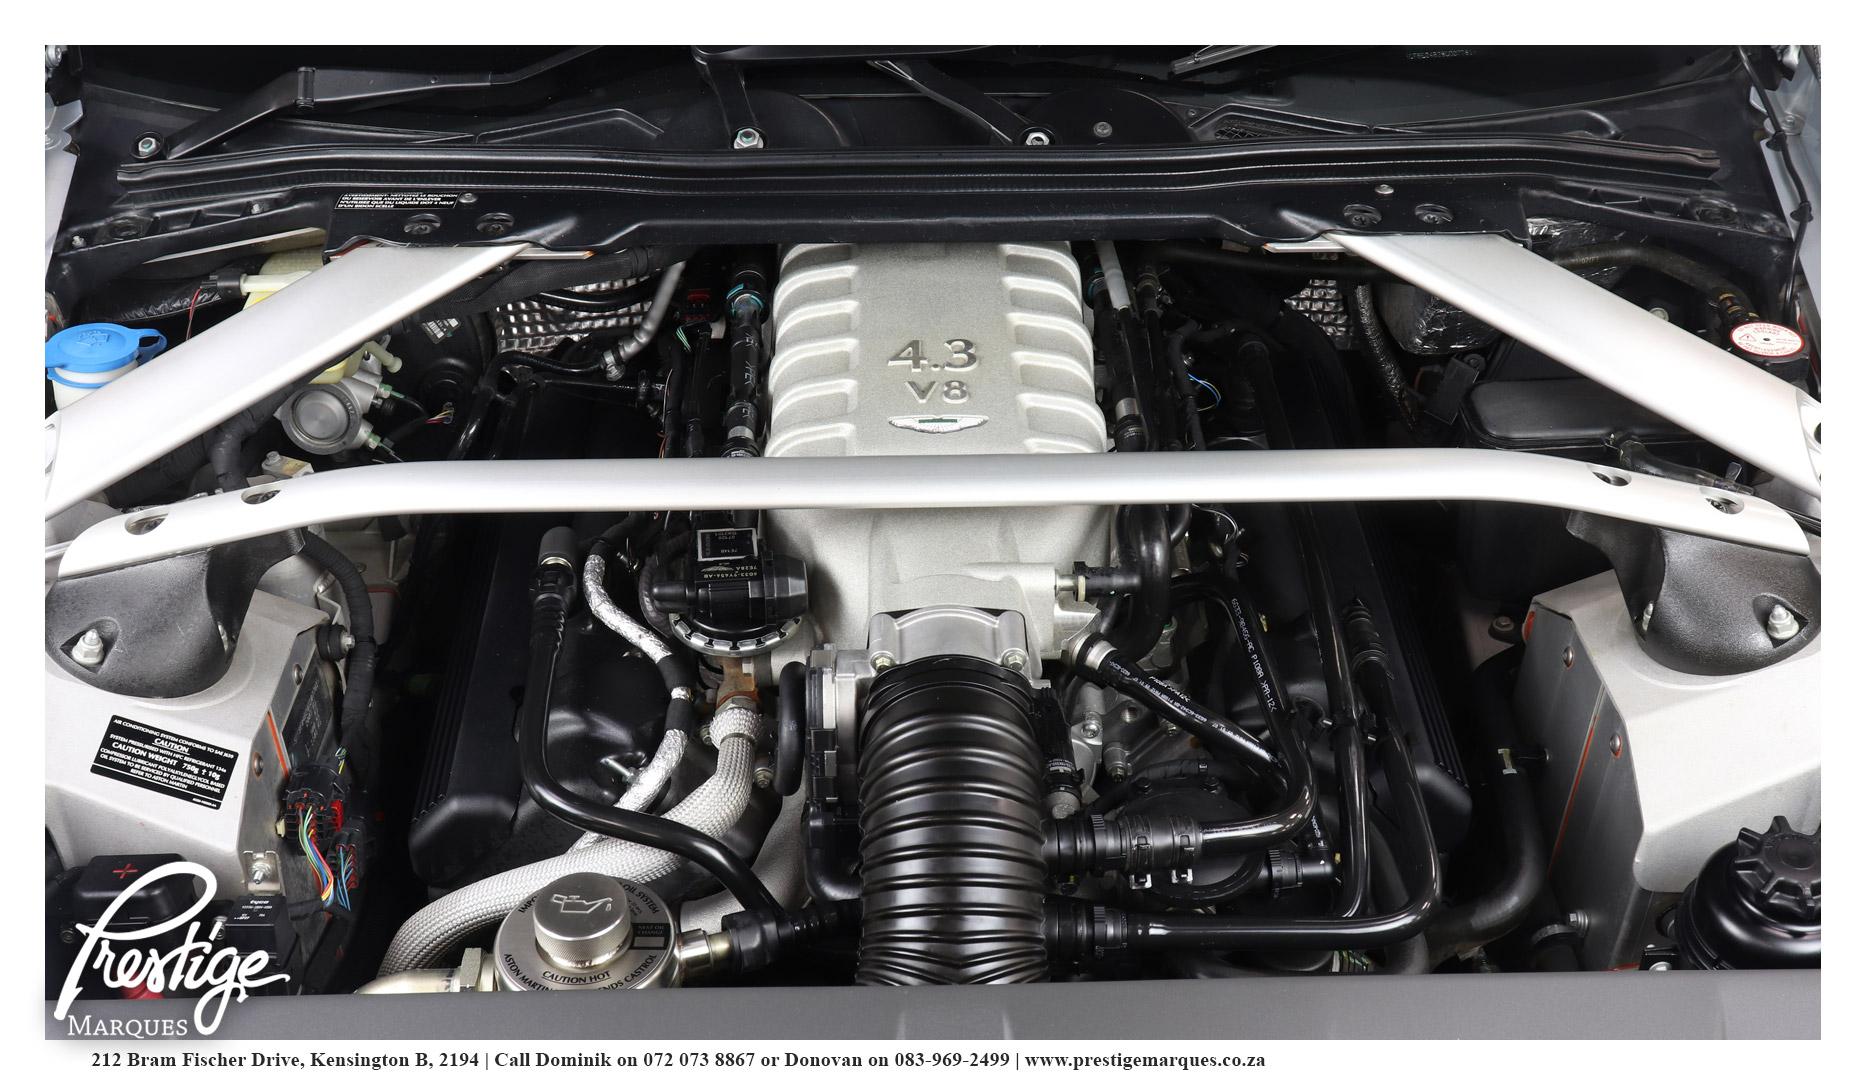 Aston-Martin-V8-Vantage-Convertible-Auto-Prestige-Marques-Sandton-16